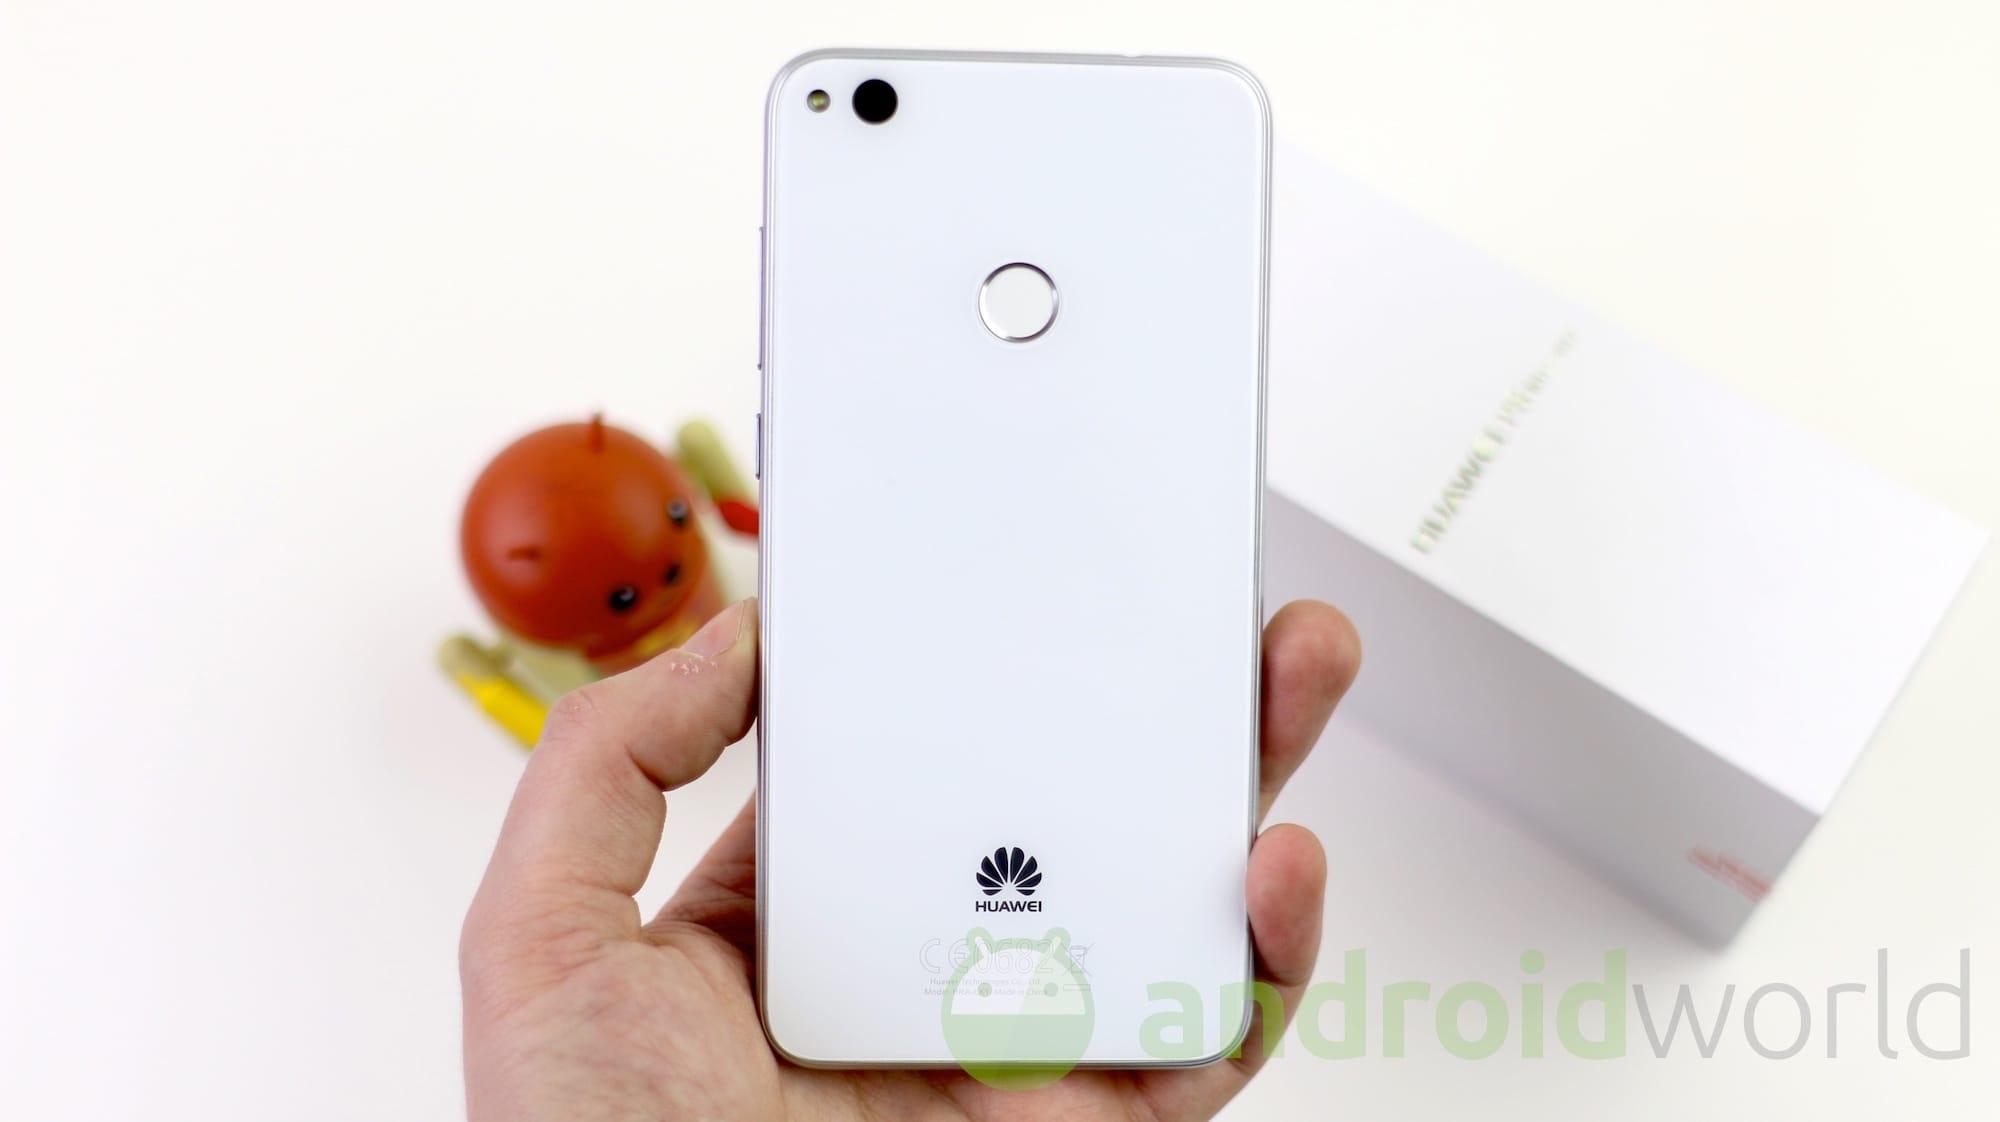 Recensione Huawei P8 Lite 2017: non è ciò che sembra ...